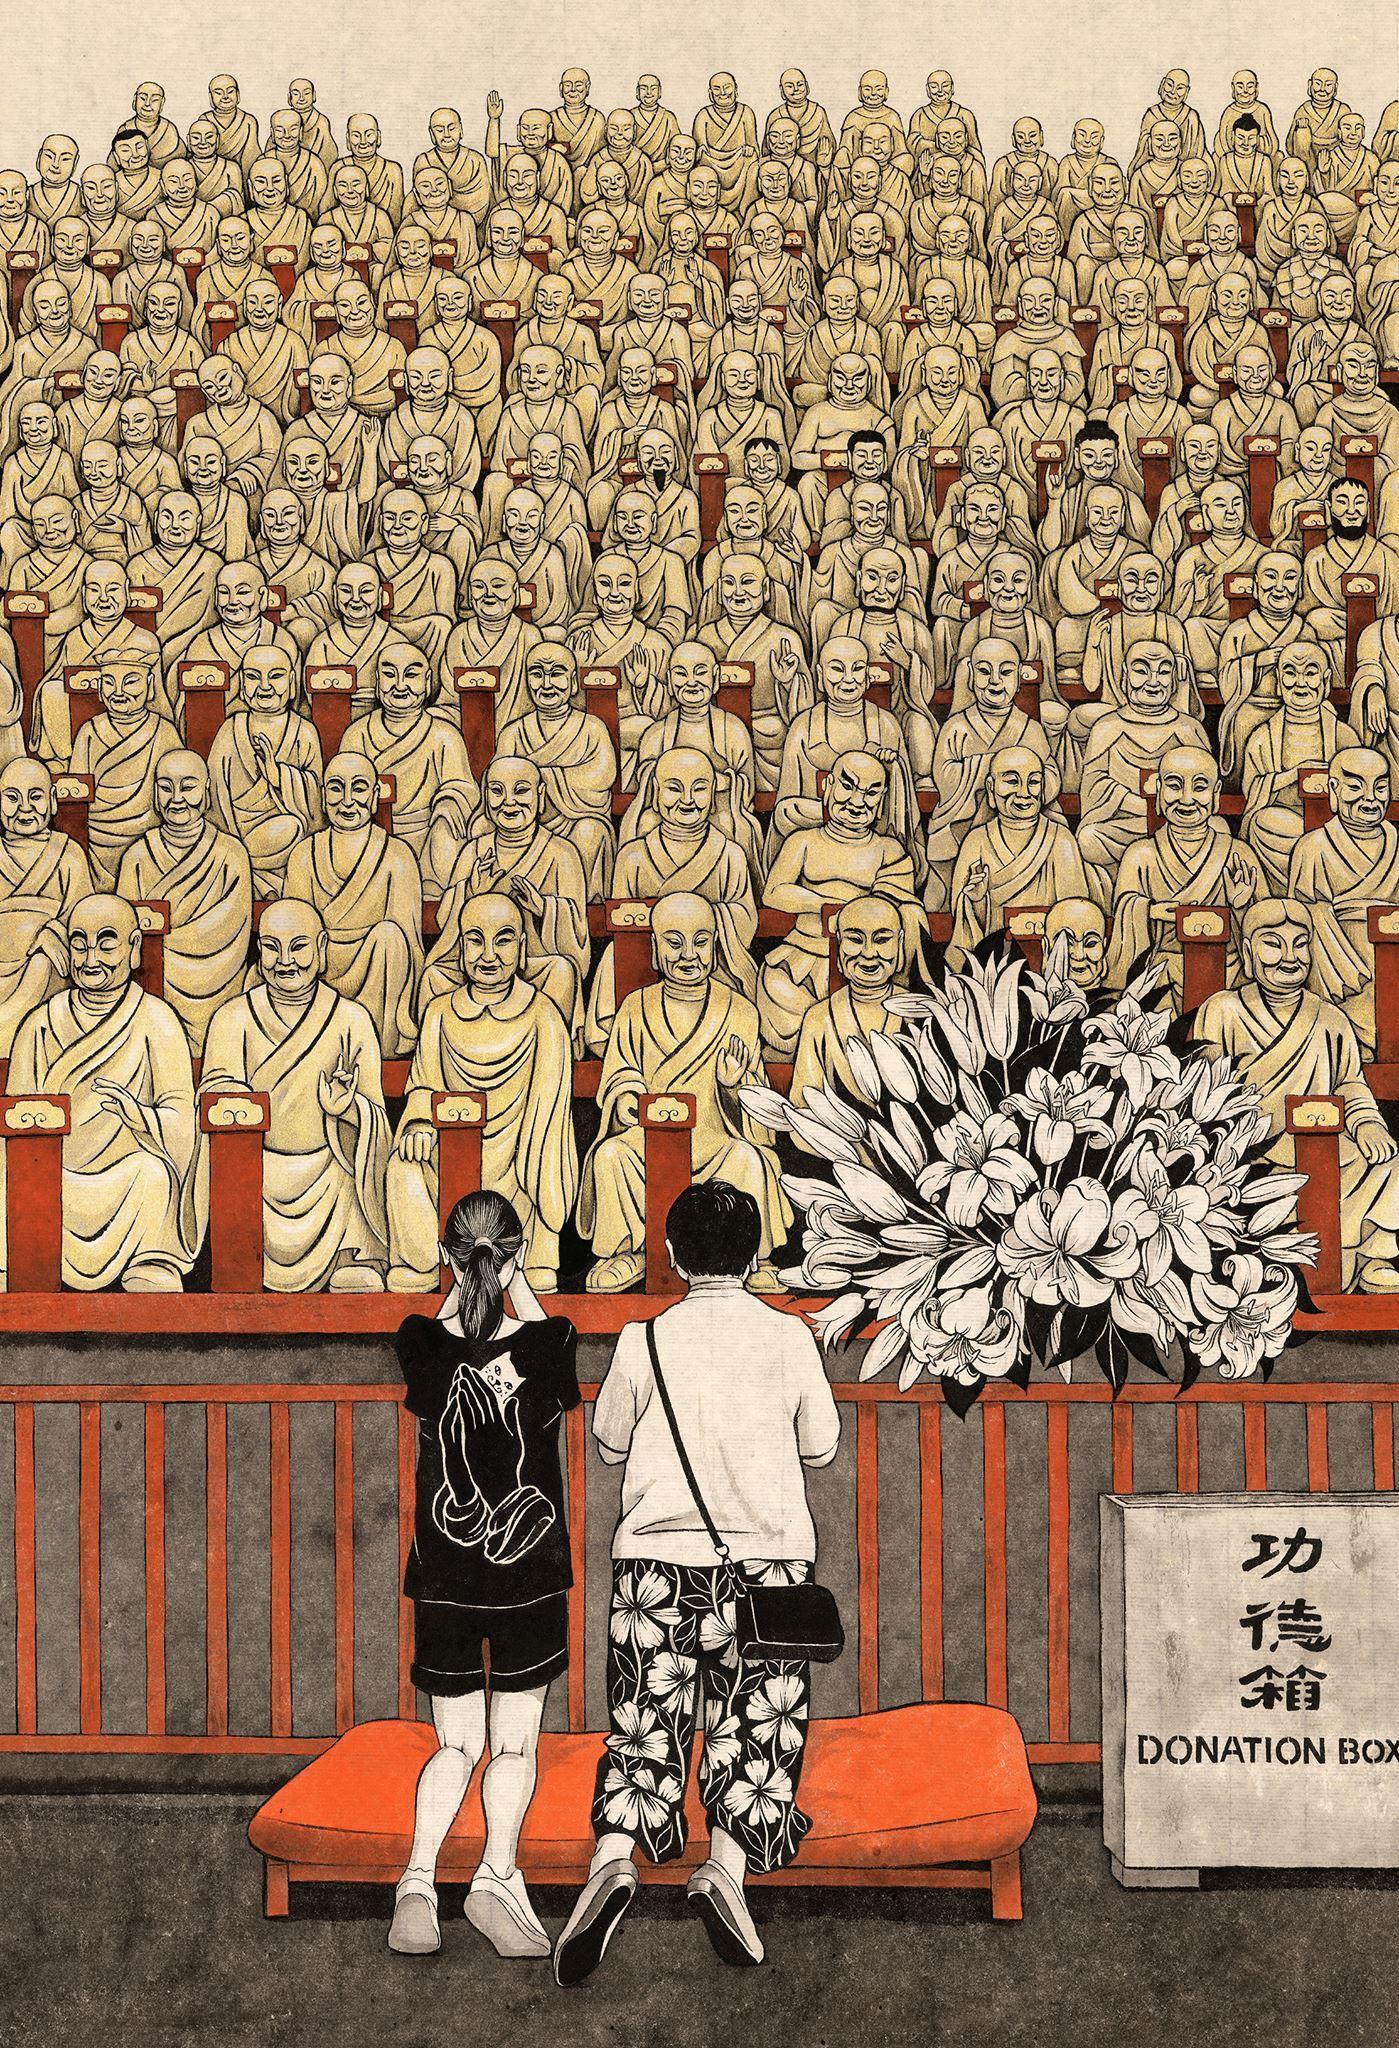 Бог хаоса Шанхая Бог хаоса Шанхая 40432638 1833137220105223 1528616725078081536 o